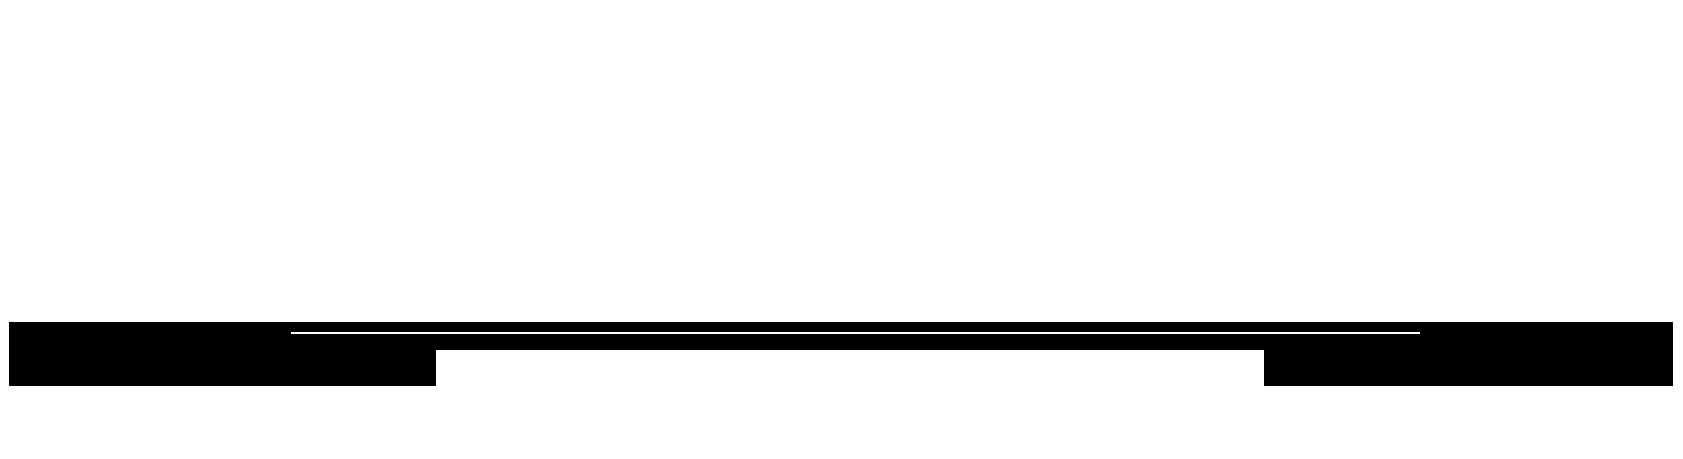 Sesión de fotos Boudoir – Book fotos boudoir profesional – Sensual – Sexy